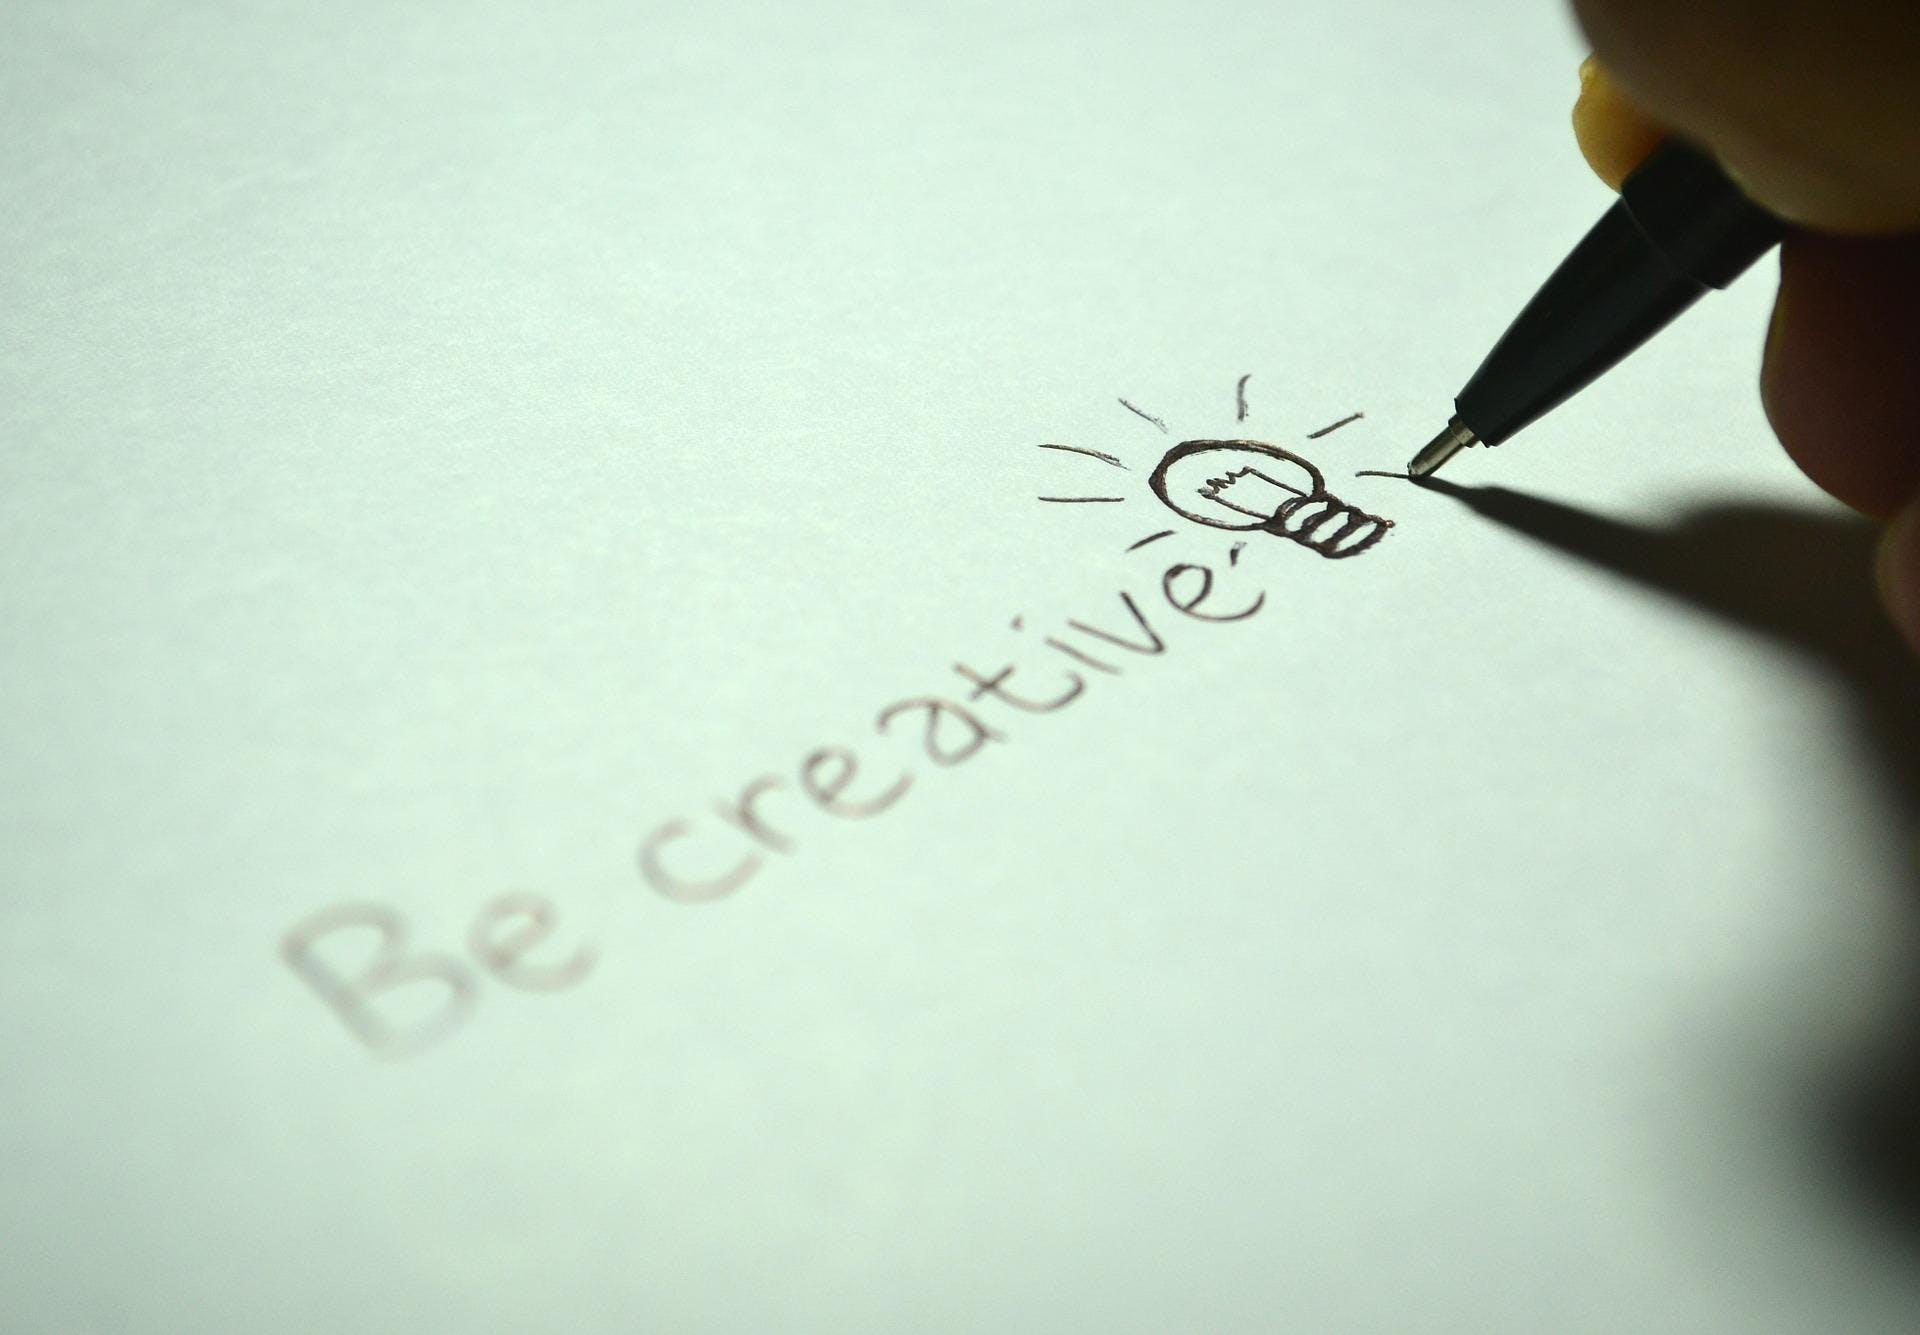 Corso di scrittura comica, creativa e per nuovi media - ONLINE